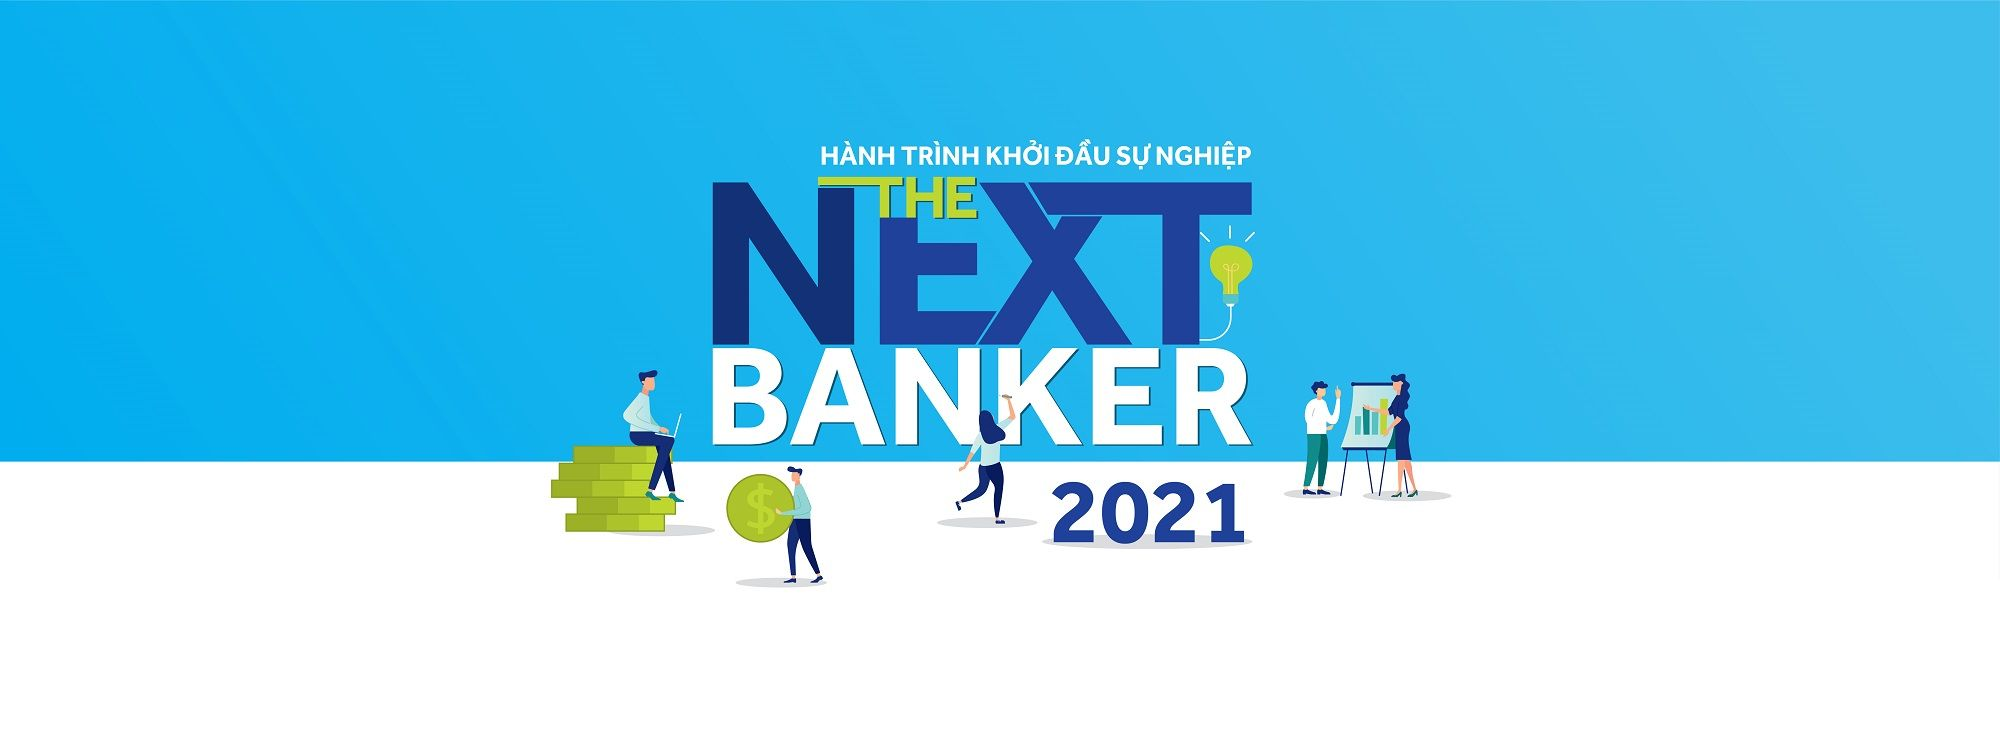 The Next Banker 2021 - Lịch trình